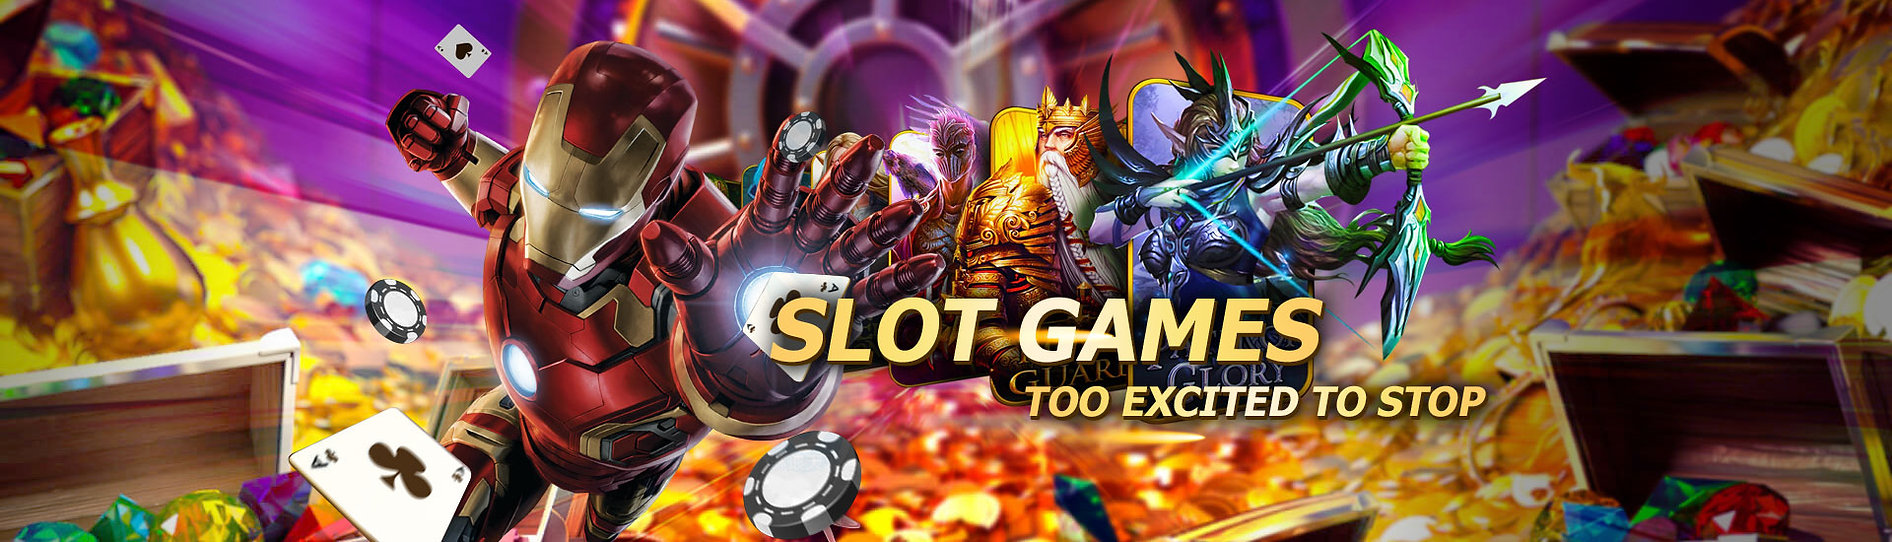 banner-games-01-en.jpg